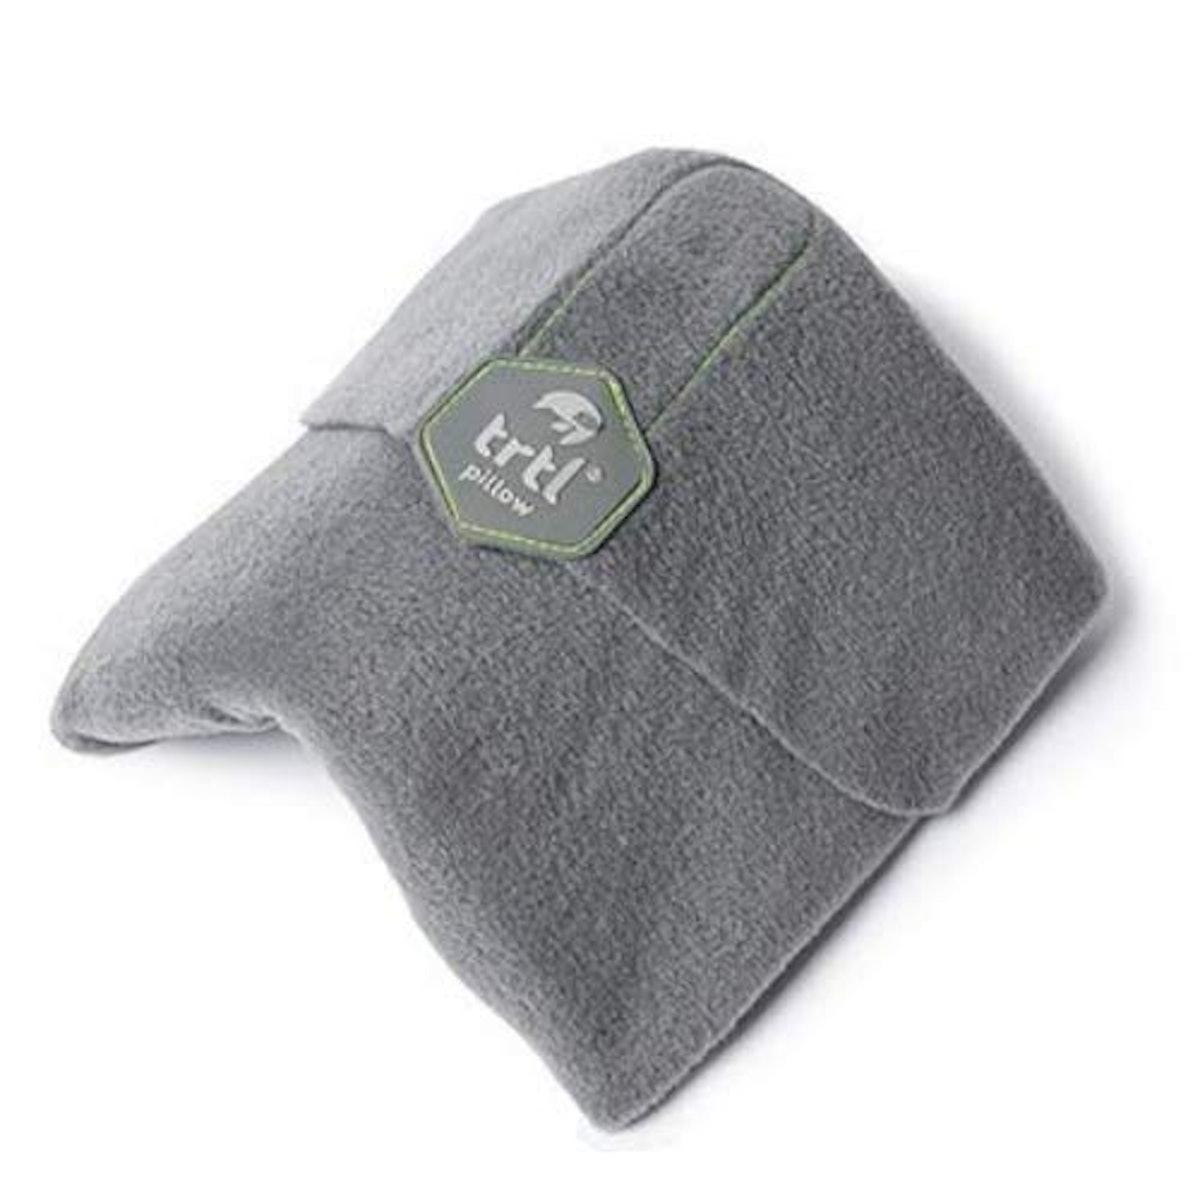 Trtl Pillow Neck Support Travel Pillow